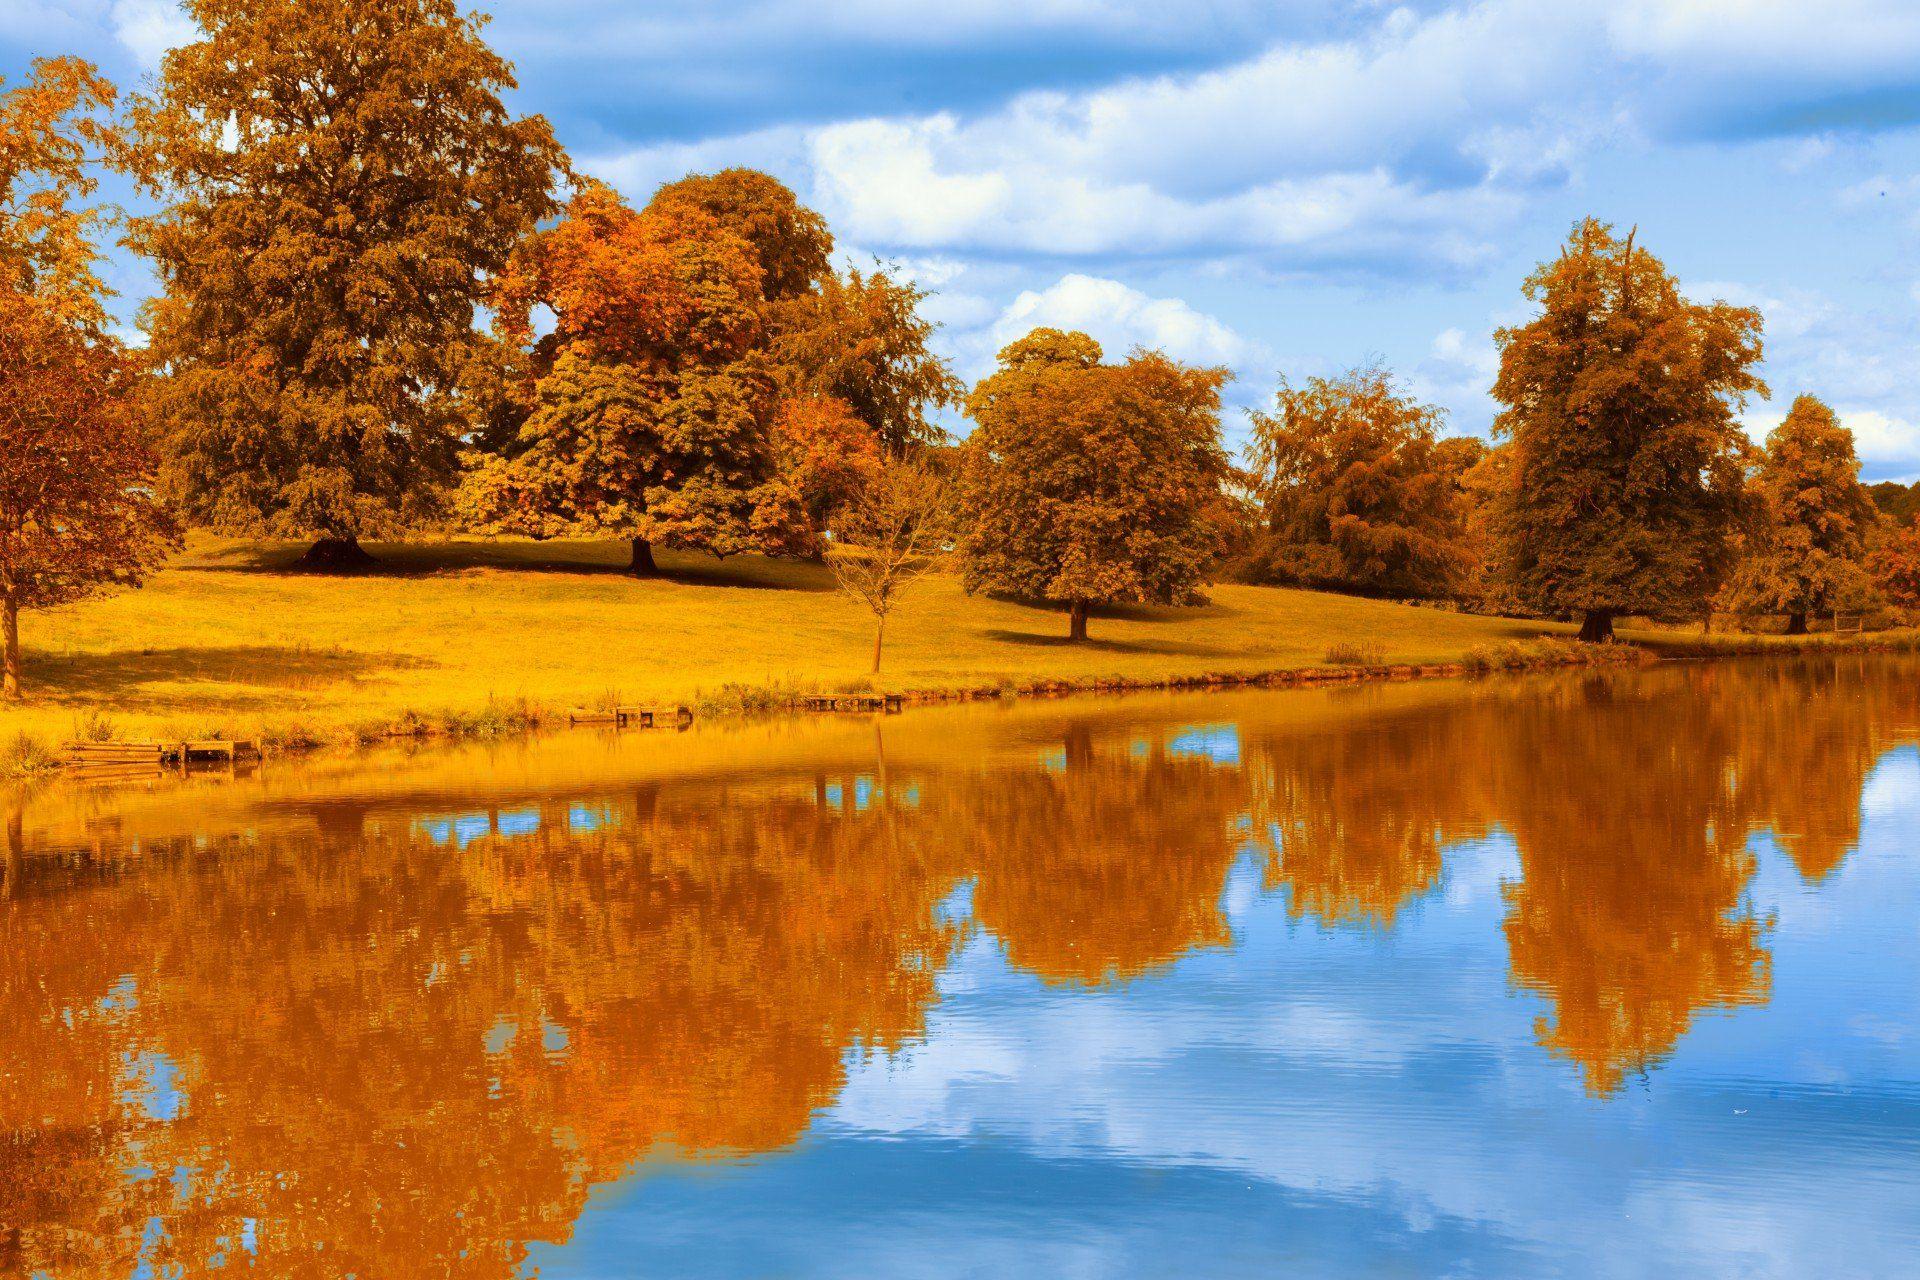 картинки золотая осень в высоком разрешении прозвище